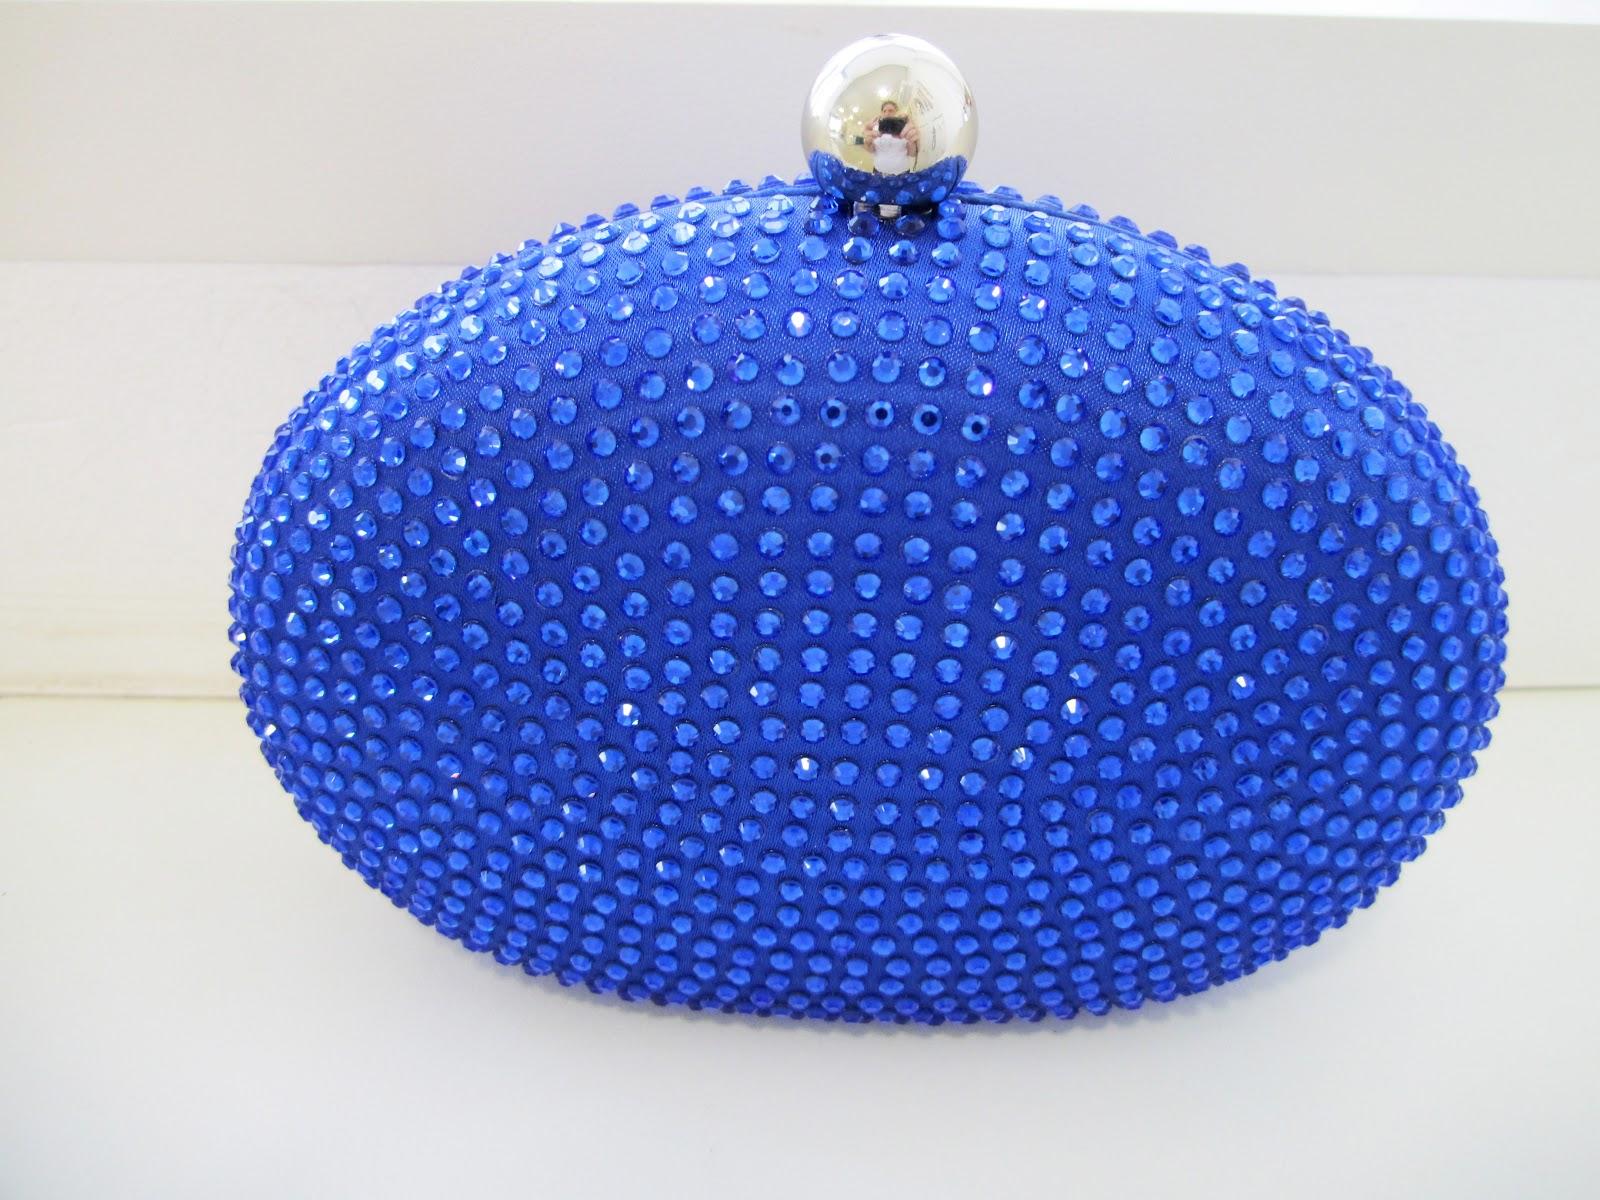 Bolsa de festa cristal swarovski : Espa?o rs festa azul